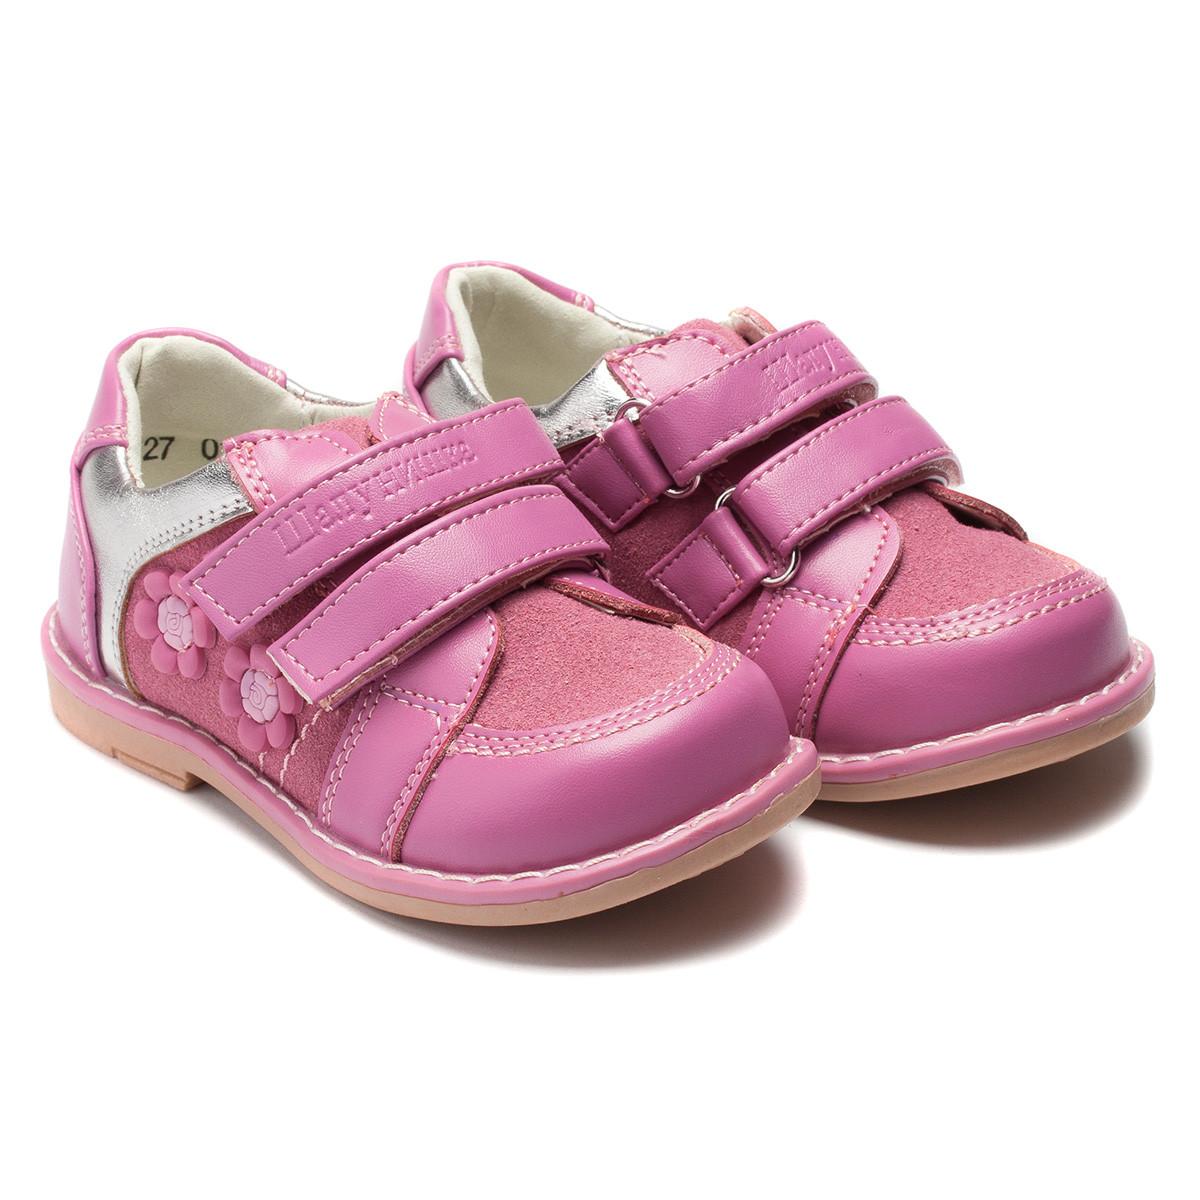 4911e7bd0 Весенние ортопедические туфли Шалунишка, для девочки, размер 19-24 -  Детская обувь ORTOPEDIC